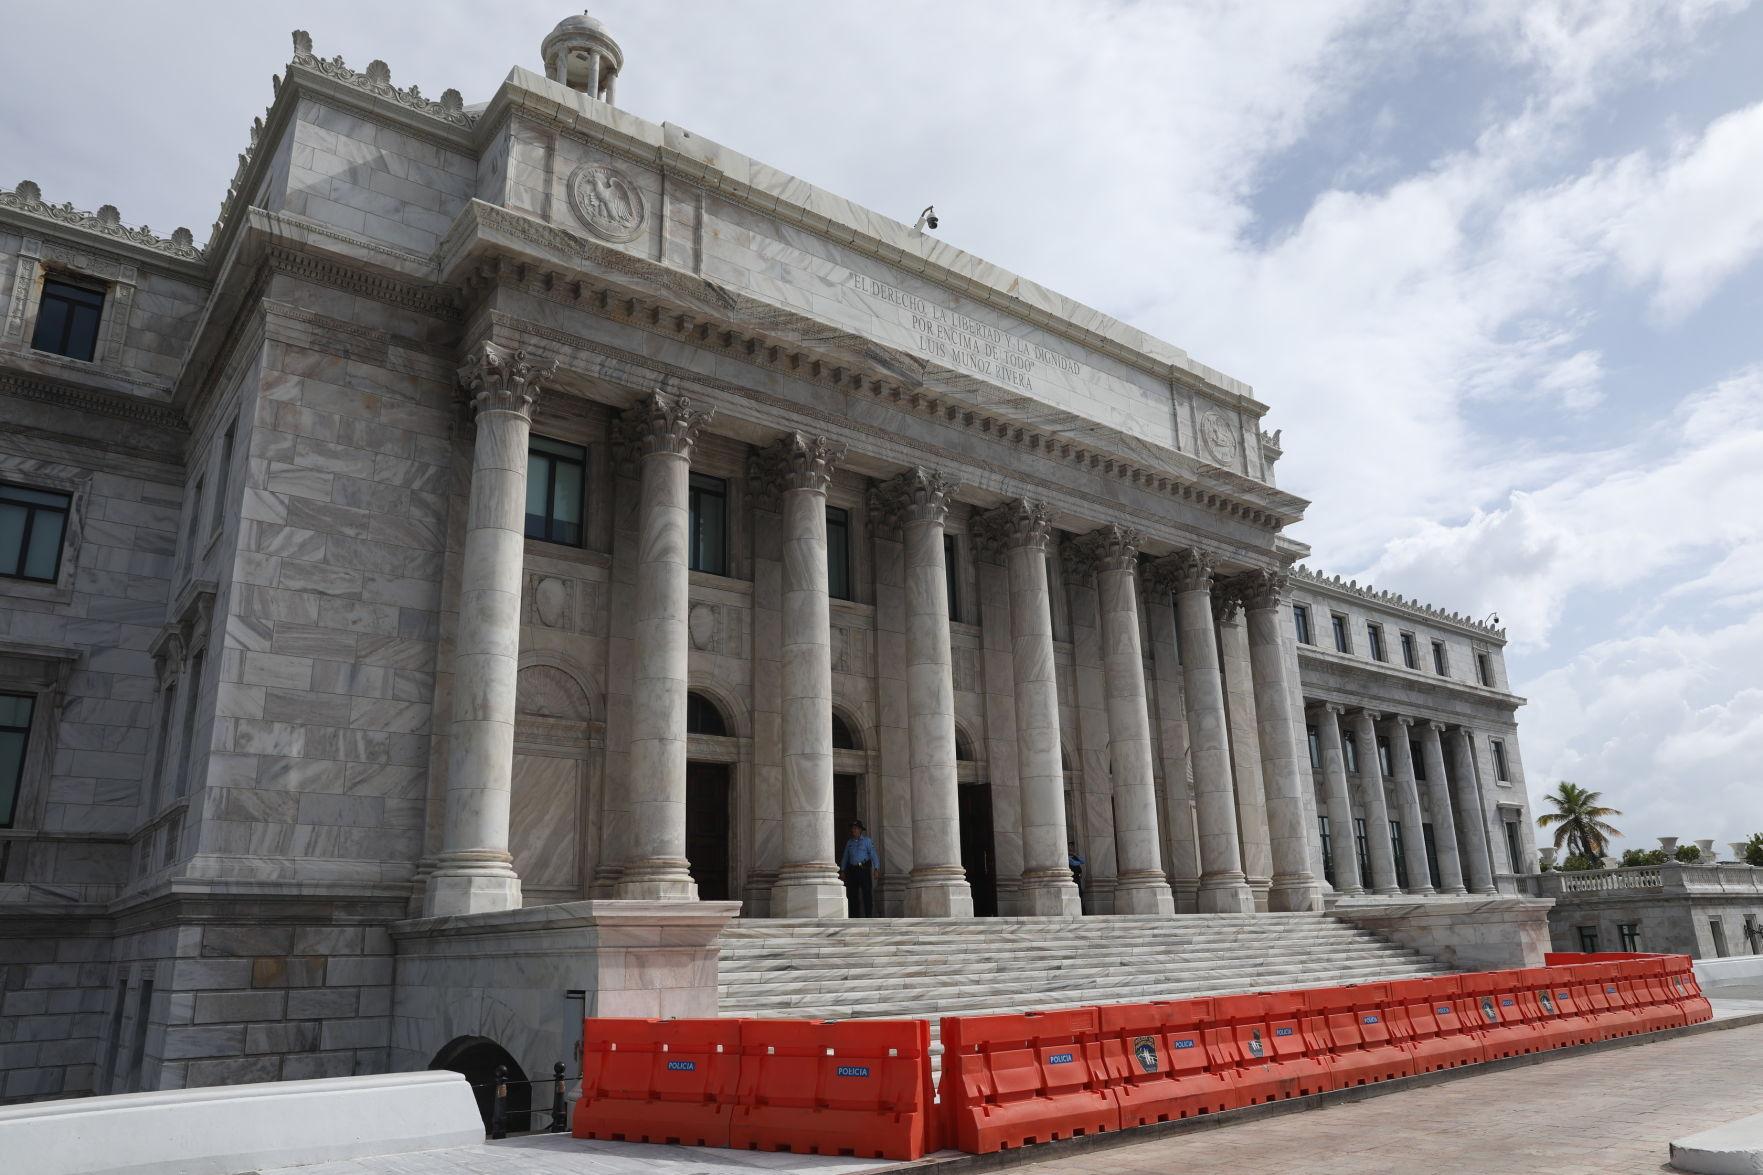 Desalojan a periodistas y empleados del Capitolio